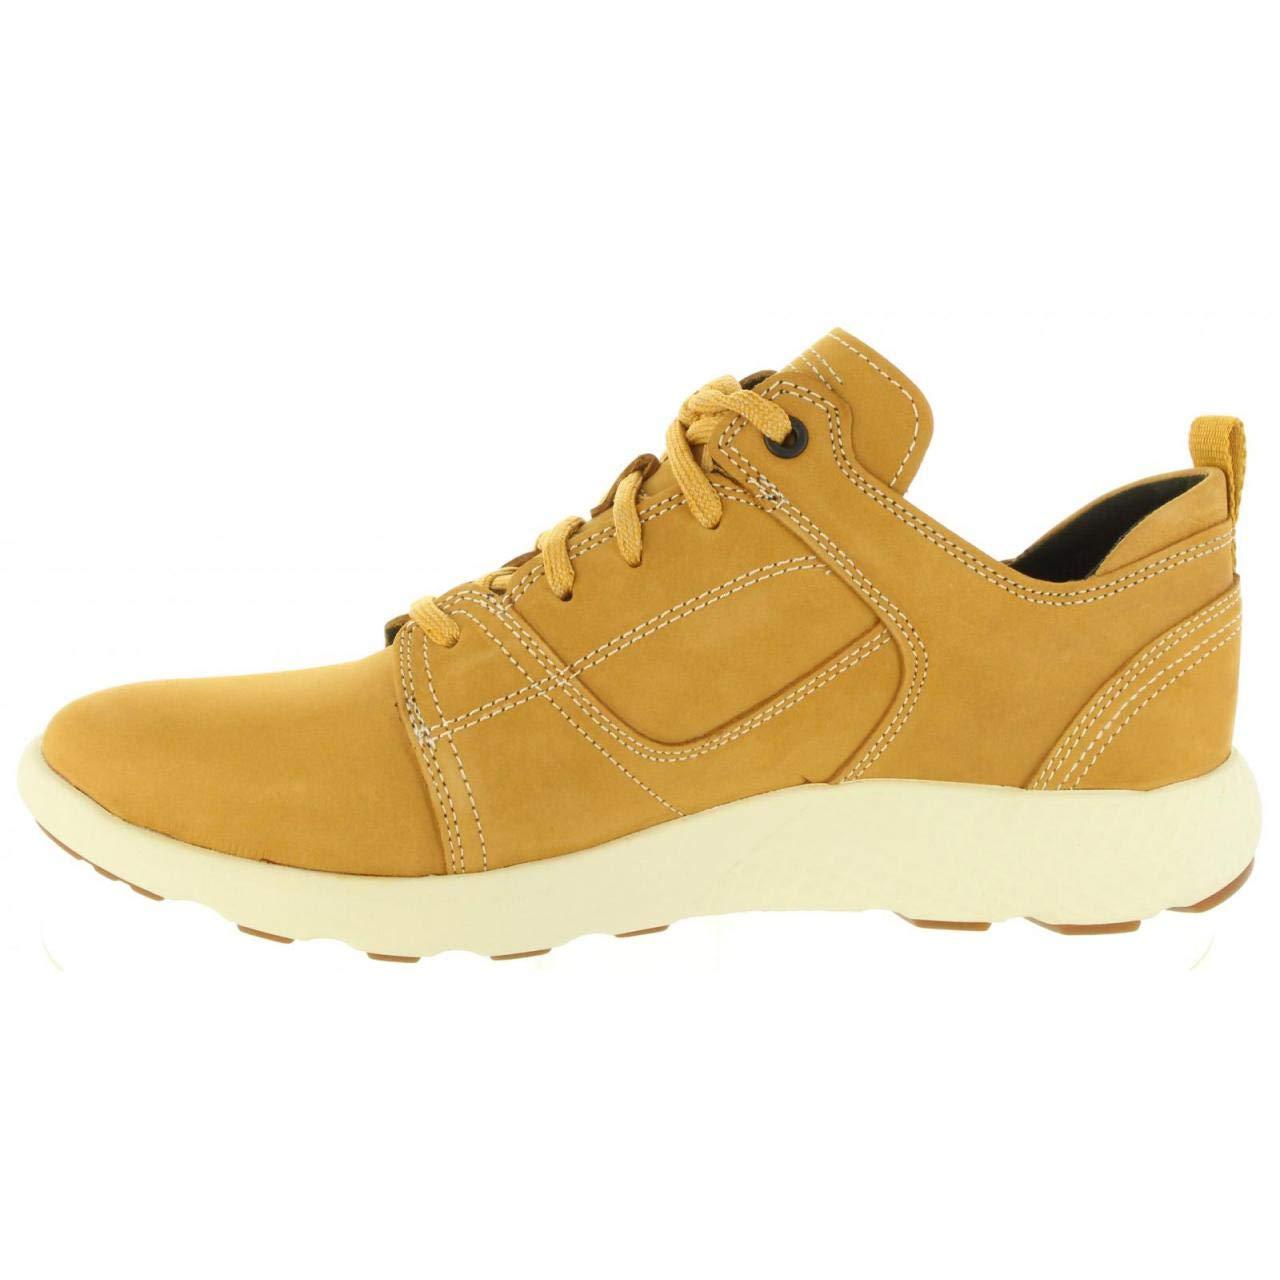 Timberland Flyroam, Botin para Hombre.: Amazon.es: Zapatos y ...